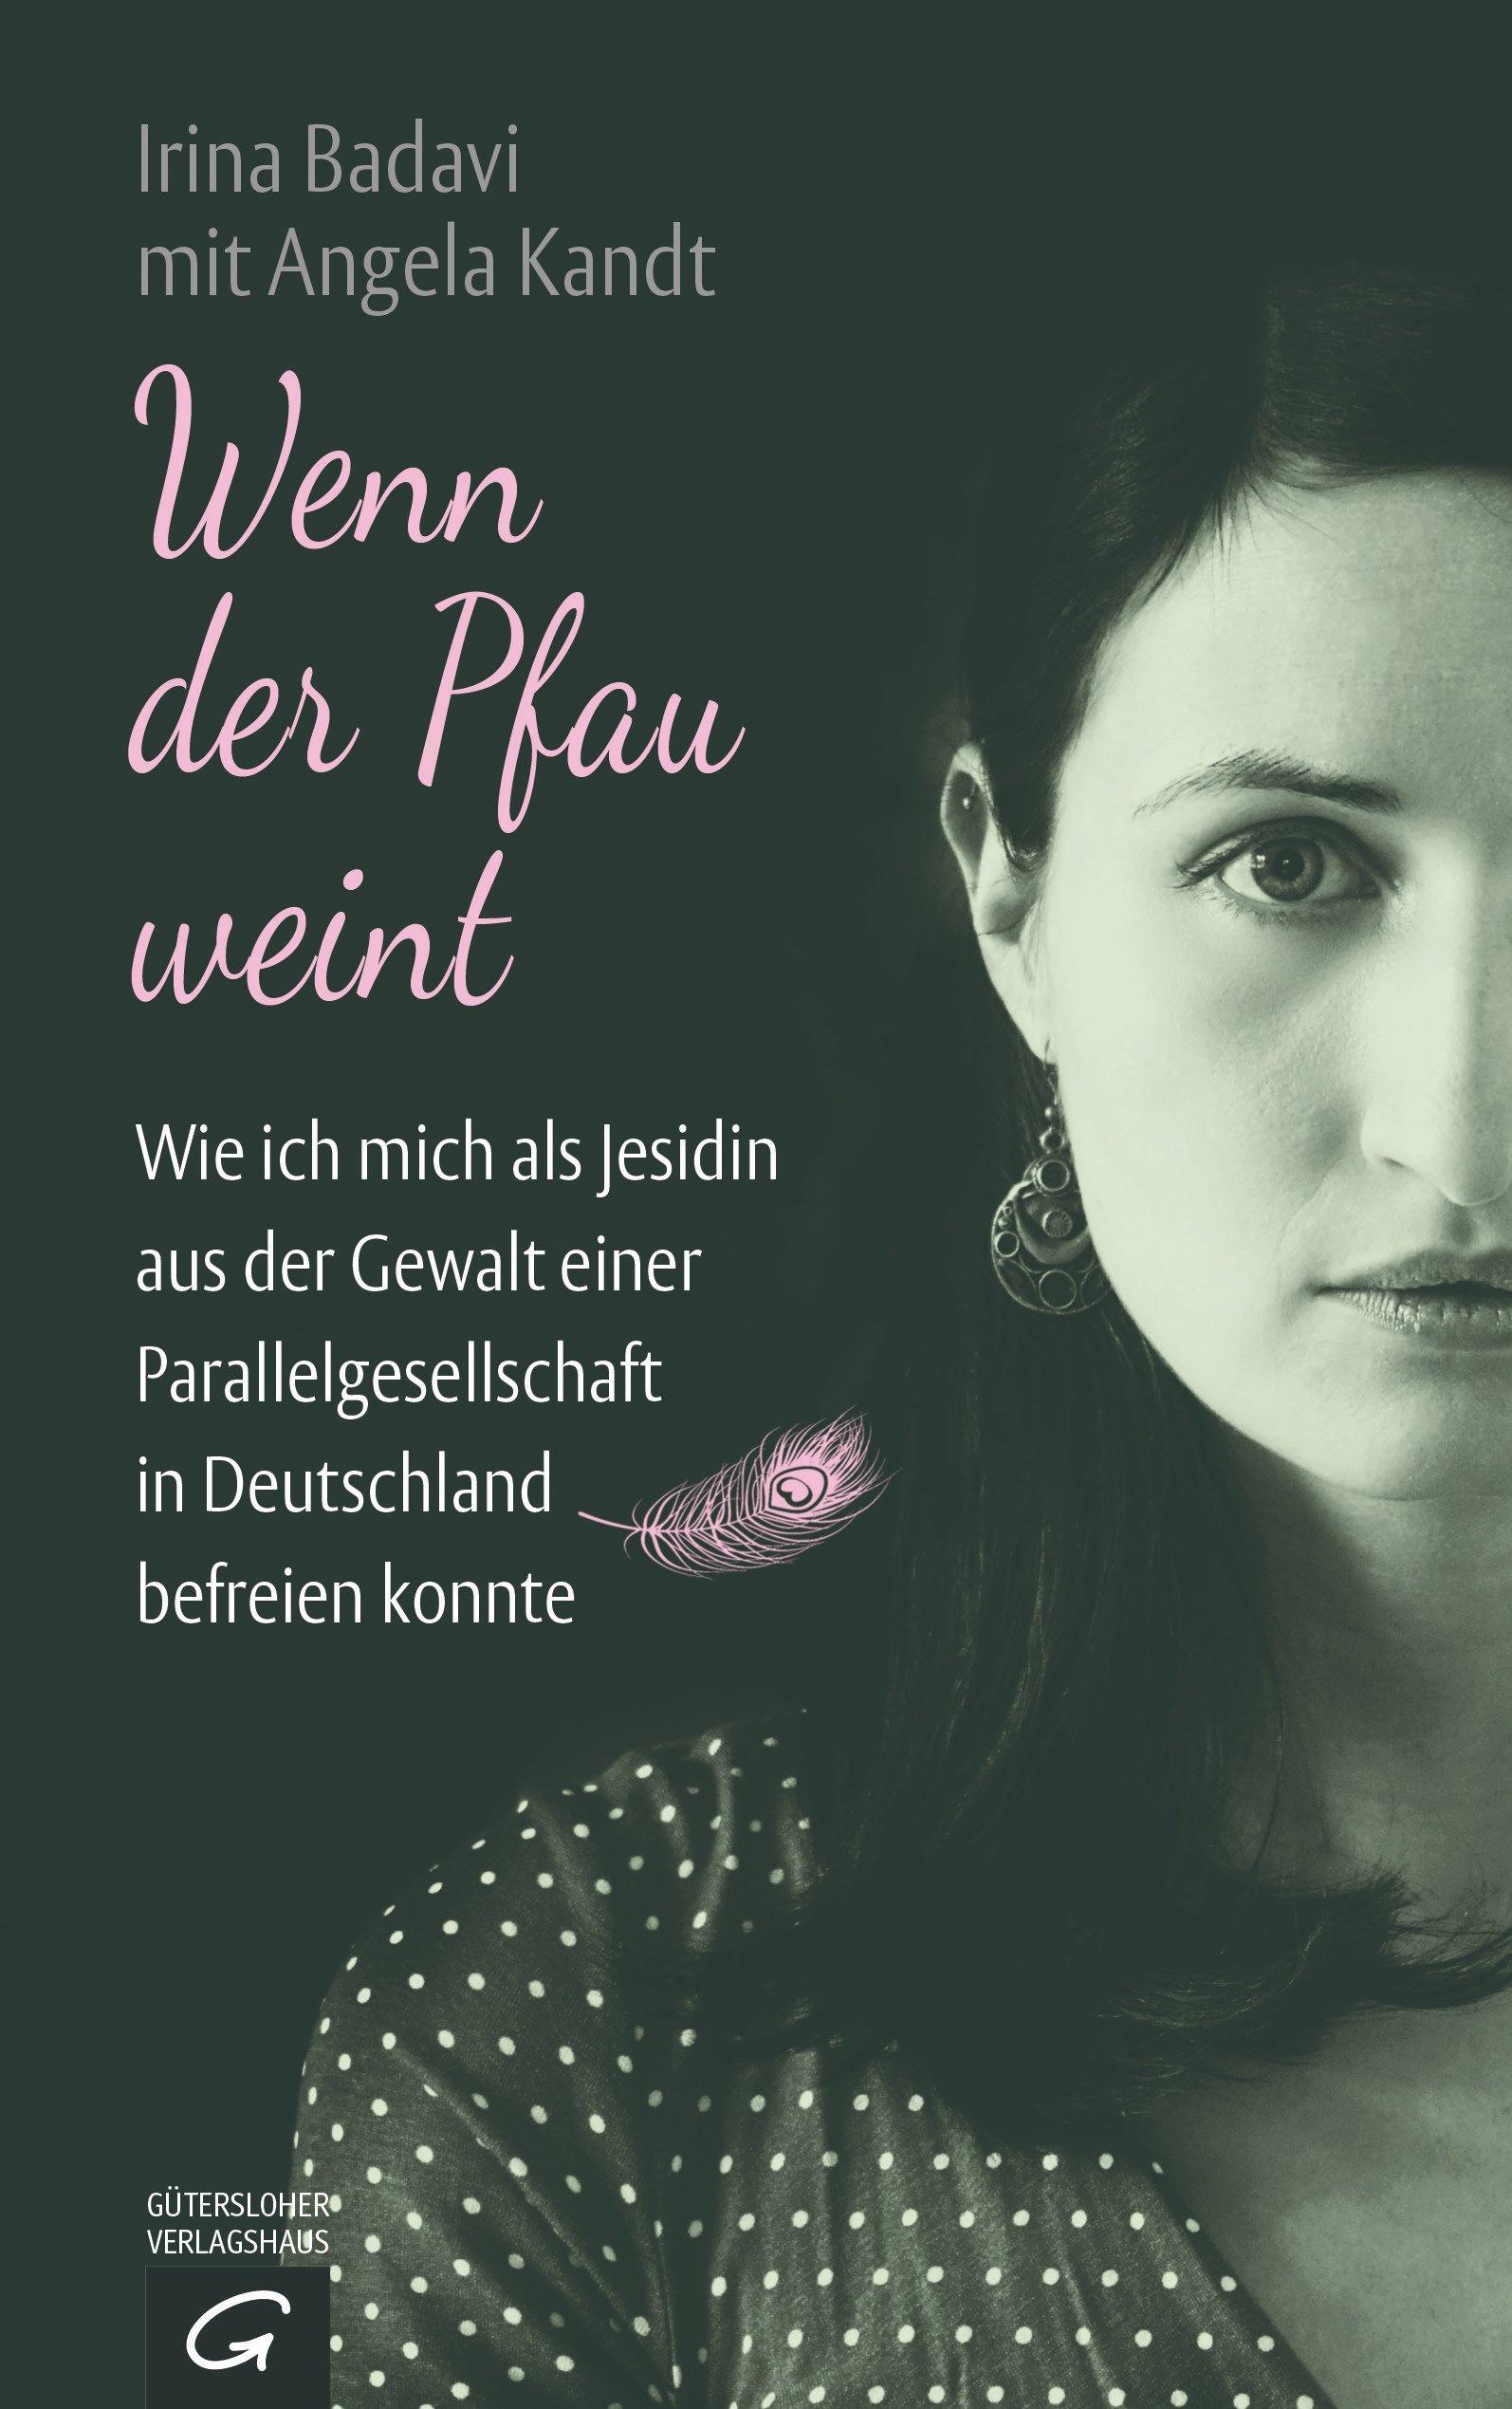 Wenn der Pfau weint: Wie ich mich als Jesidin aus der Gewalt einer Parallelgesellschaft in Deutschland befreien konnte